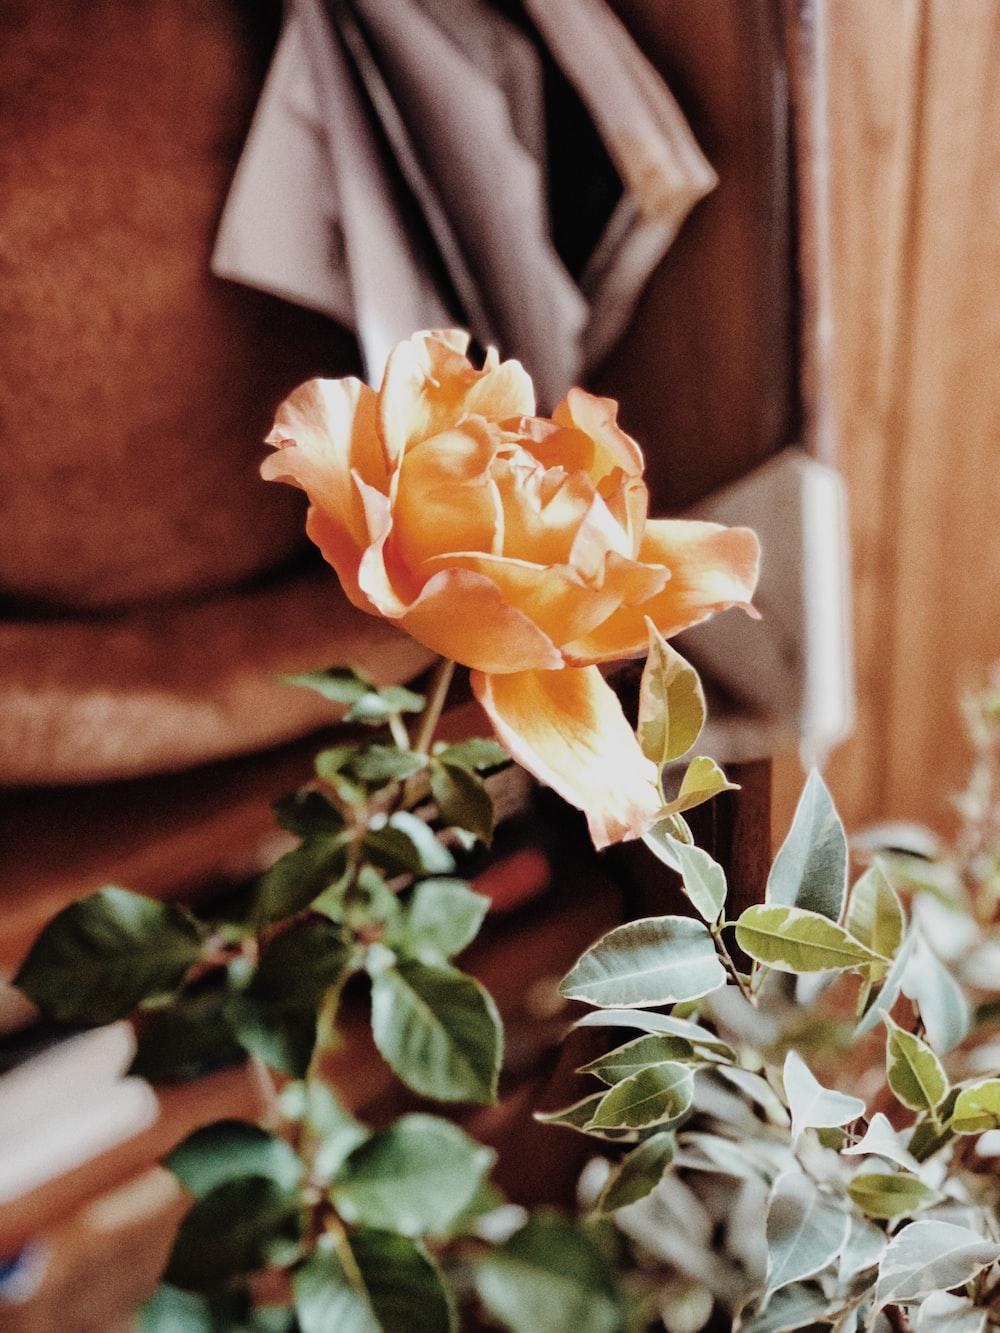 close view of orange rose